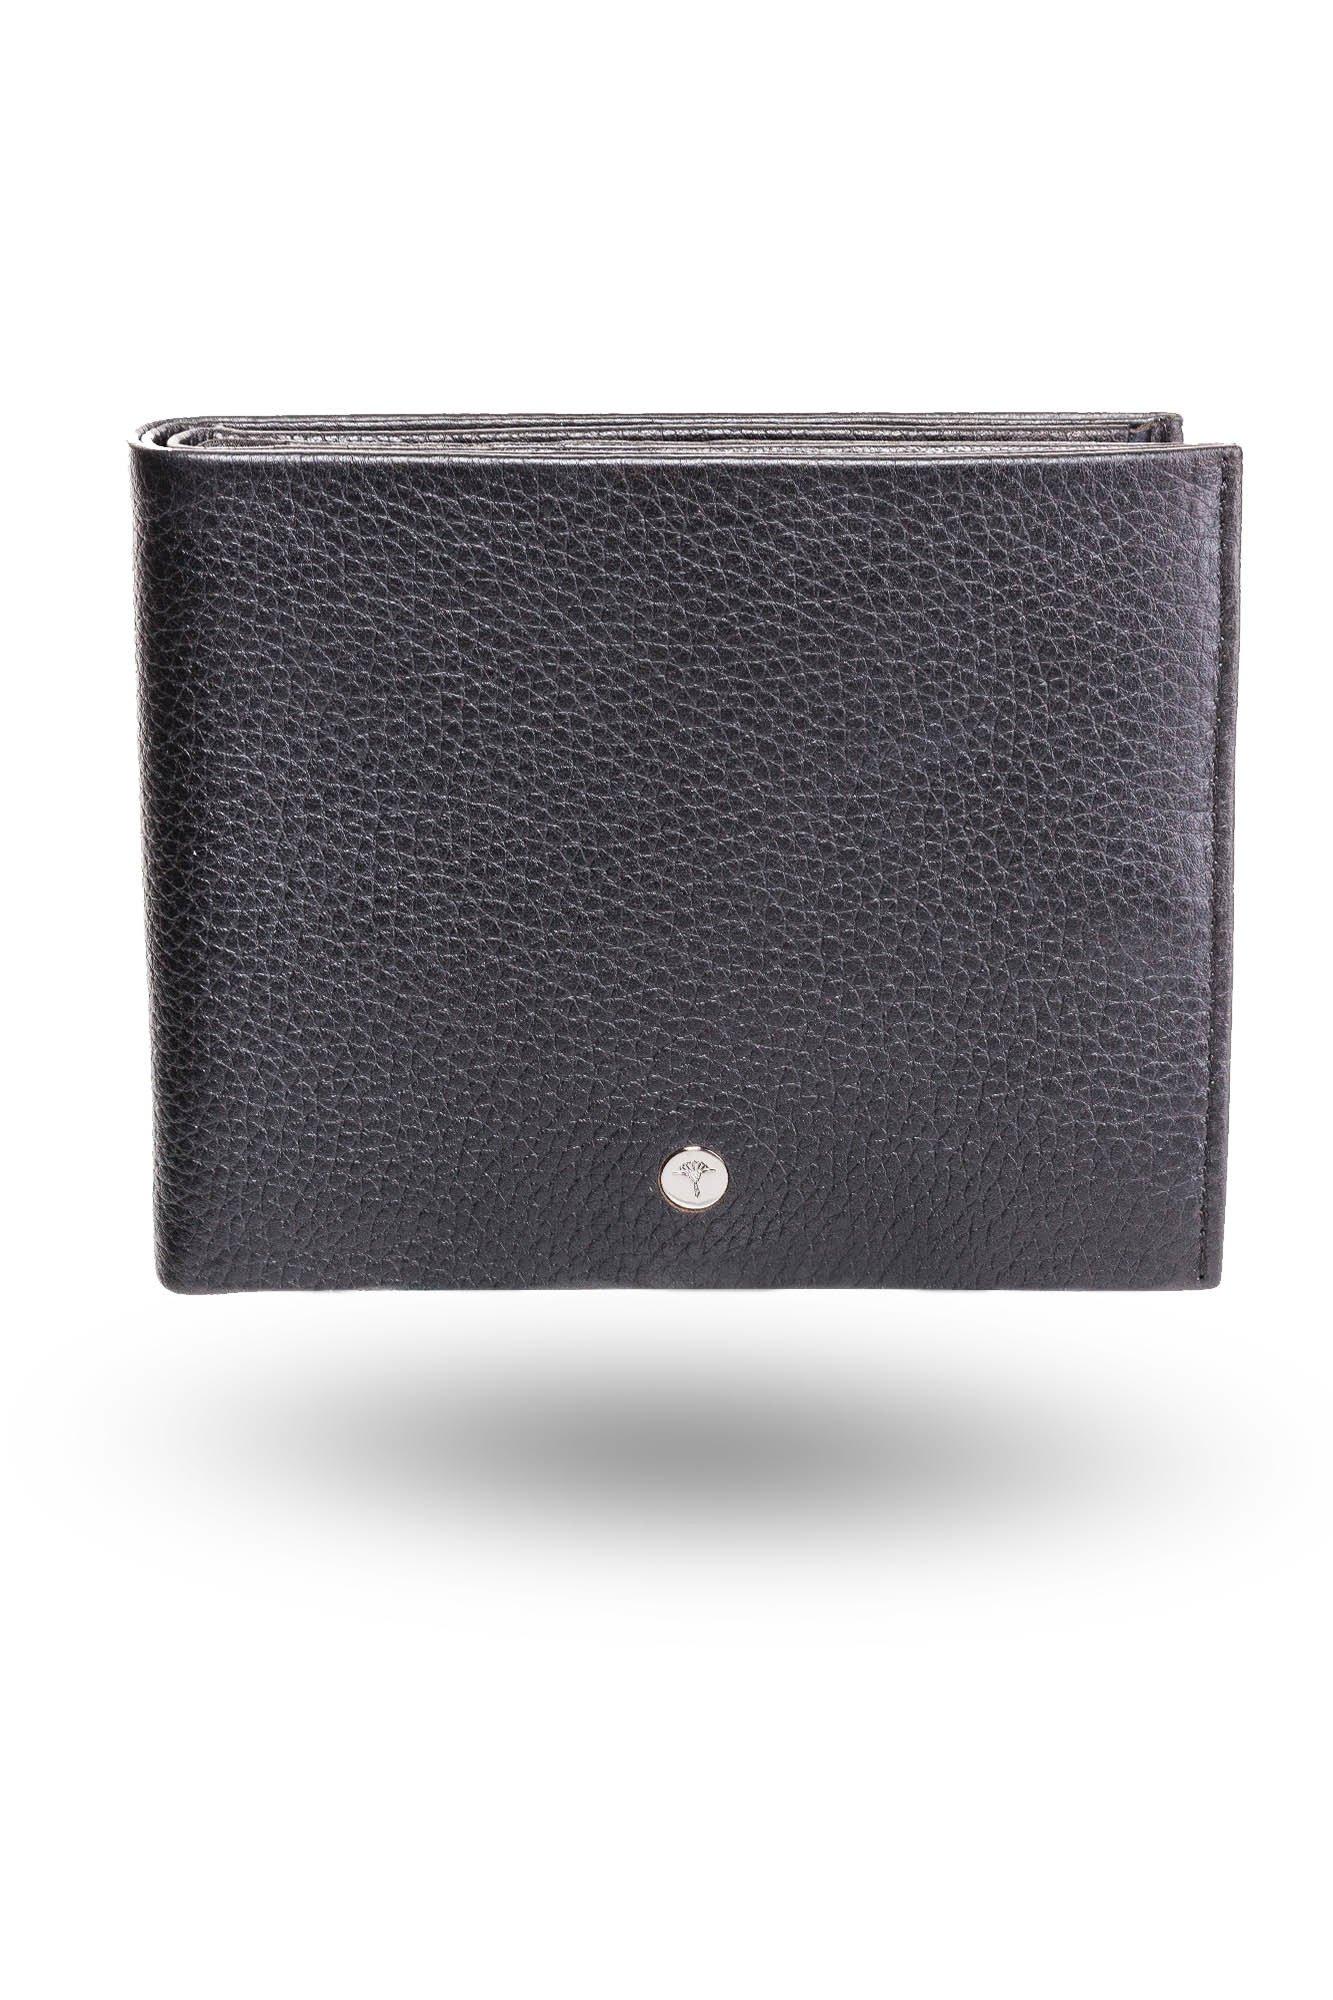 57865bbeab4ee Czarny skórzany portfel męski Minos BillFold H14 | Markowa odzież w ...